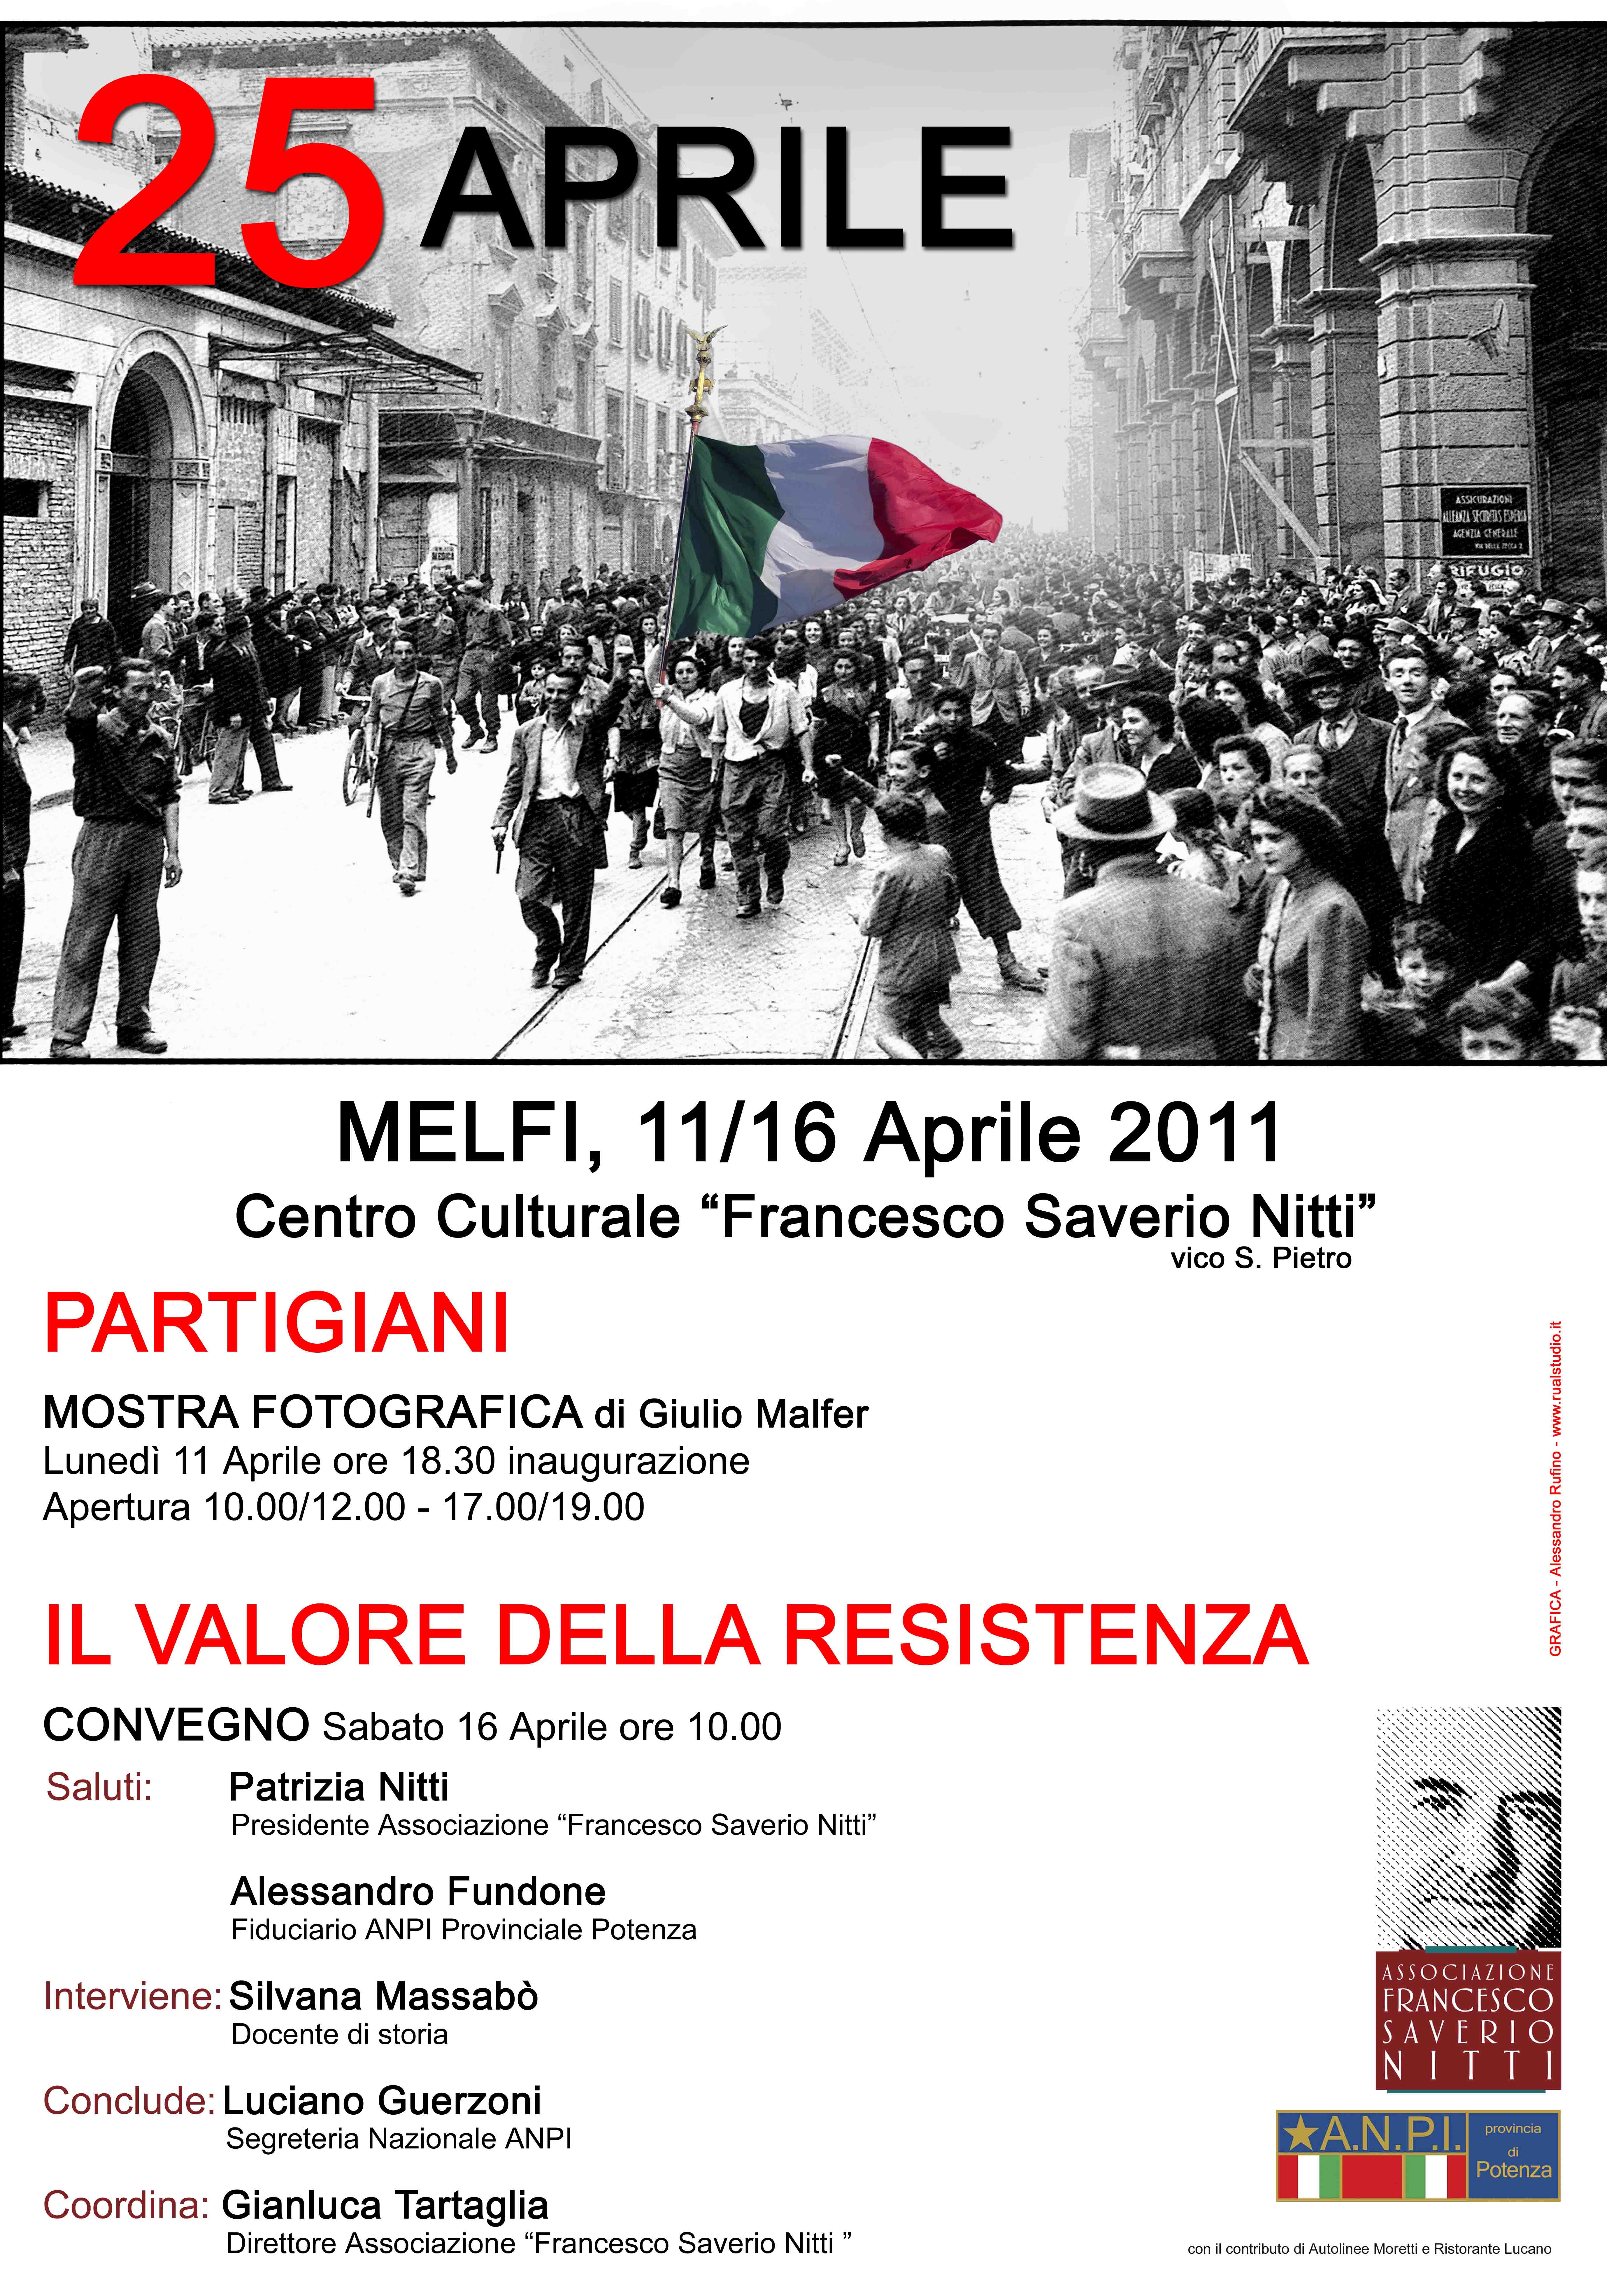 art92_25Aprile2011-manifesto 70x100 def.